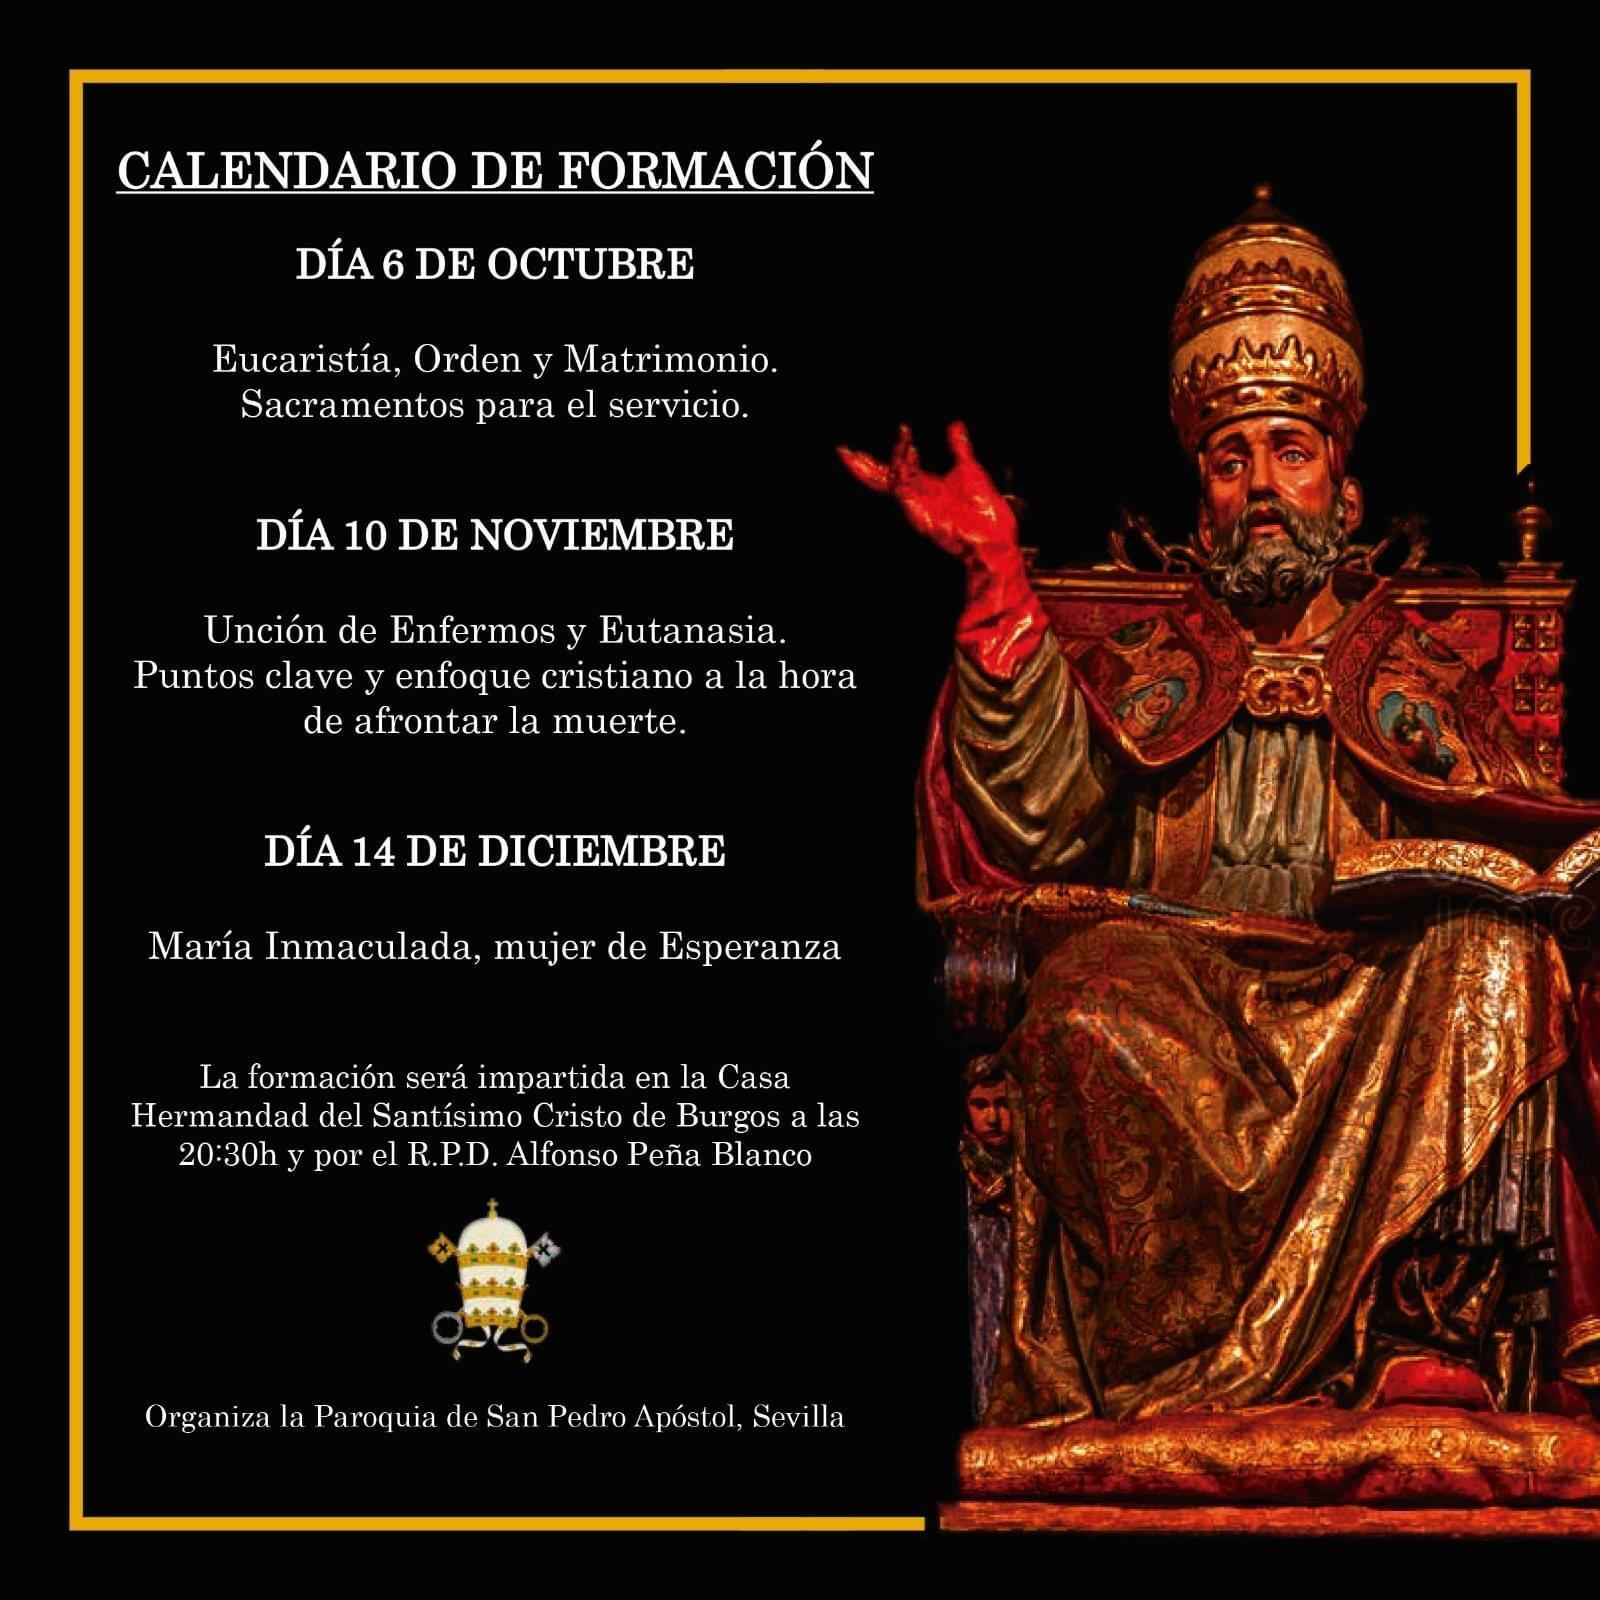 Charlas de formación de la Parroquia de San Pedro